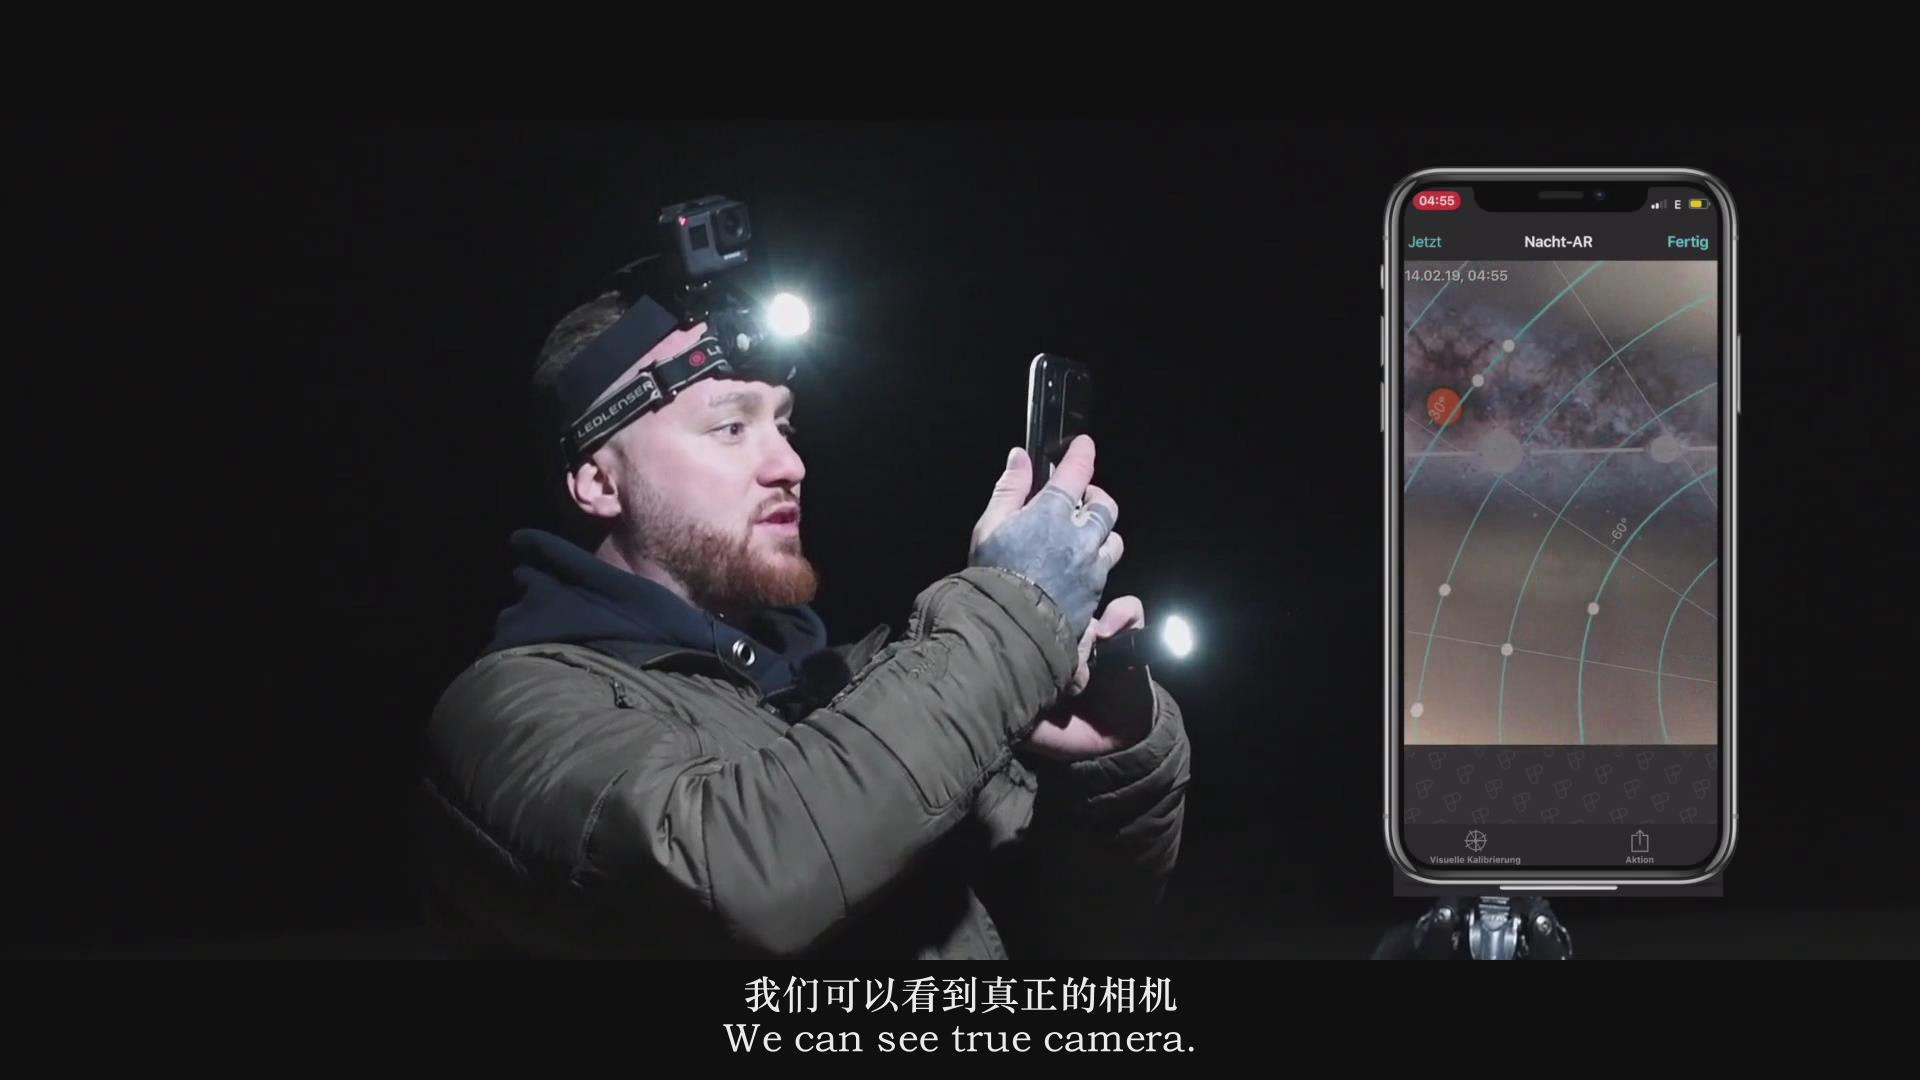 摄影教程_Fabio Antenore-超级真实银河系夜景风光摄影及后期附扩展素材-中英字幕 摄影教程 _预览图15